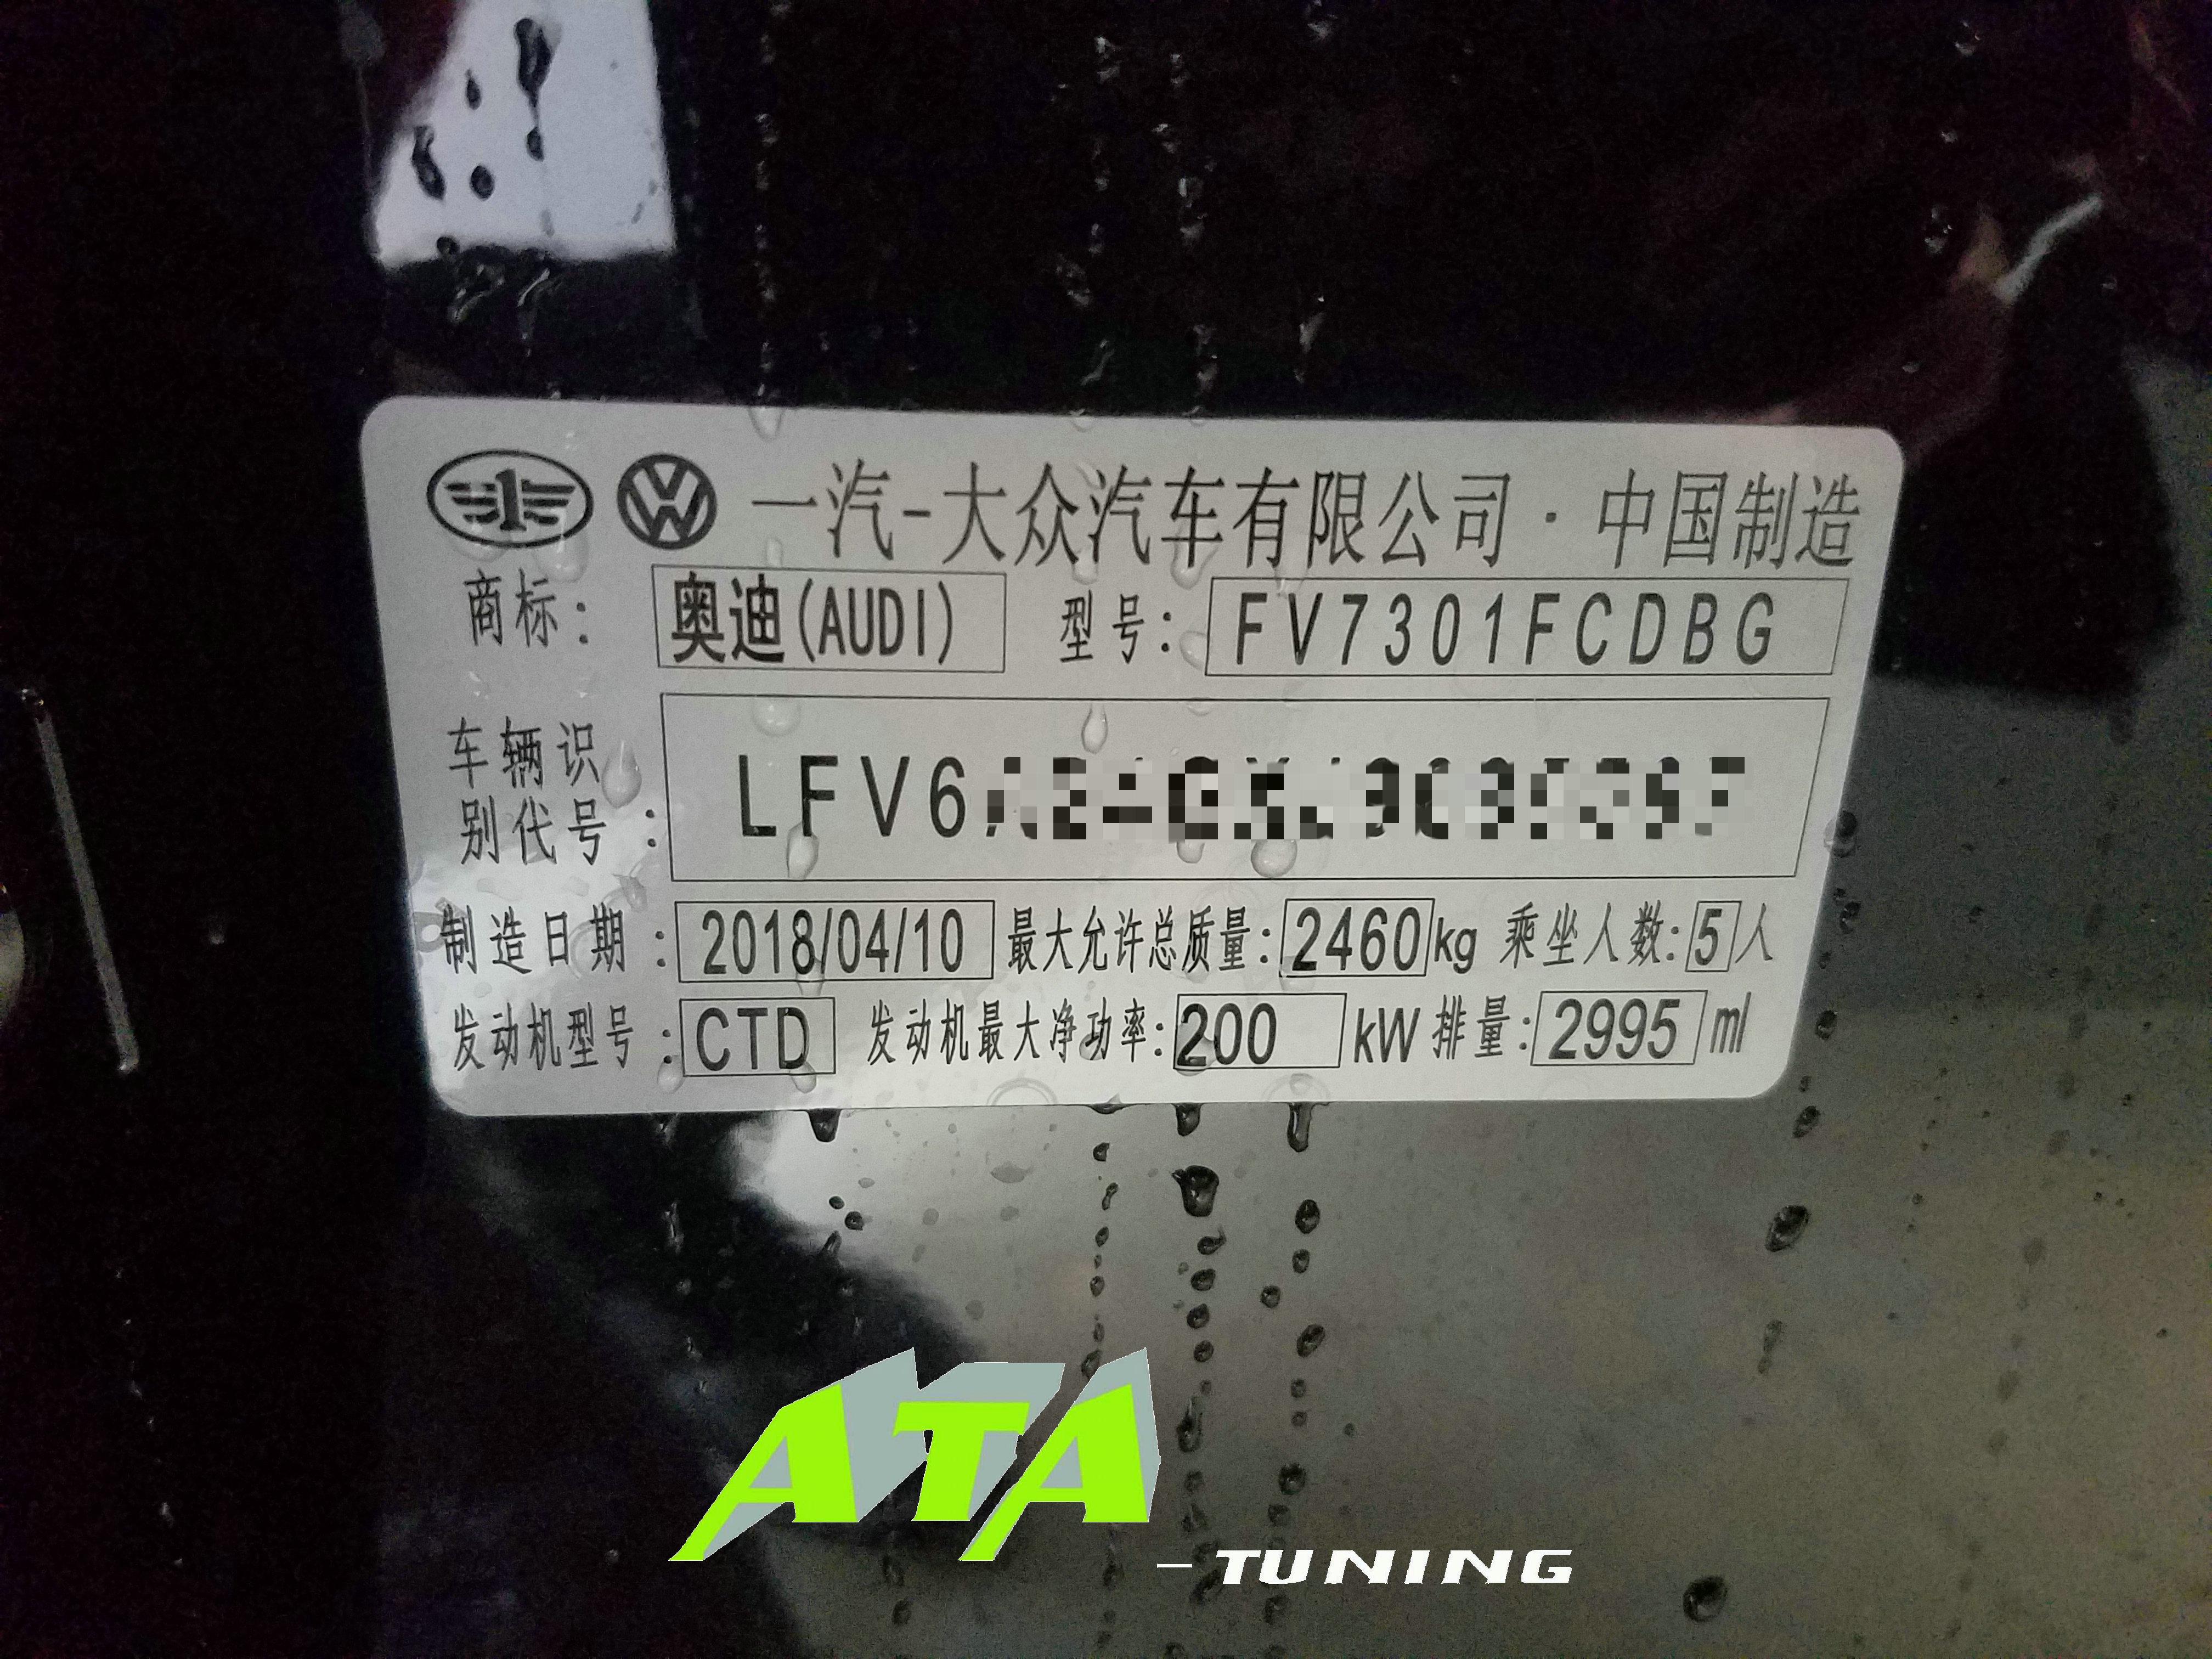 奥迪A6L 45TFSI刷ECU,升级英国ATA-Tuning程序